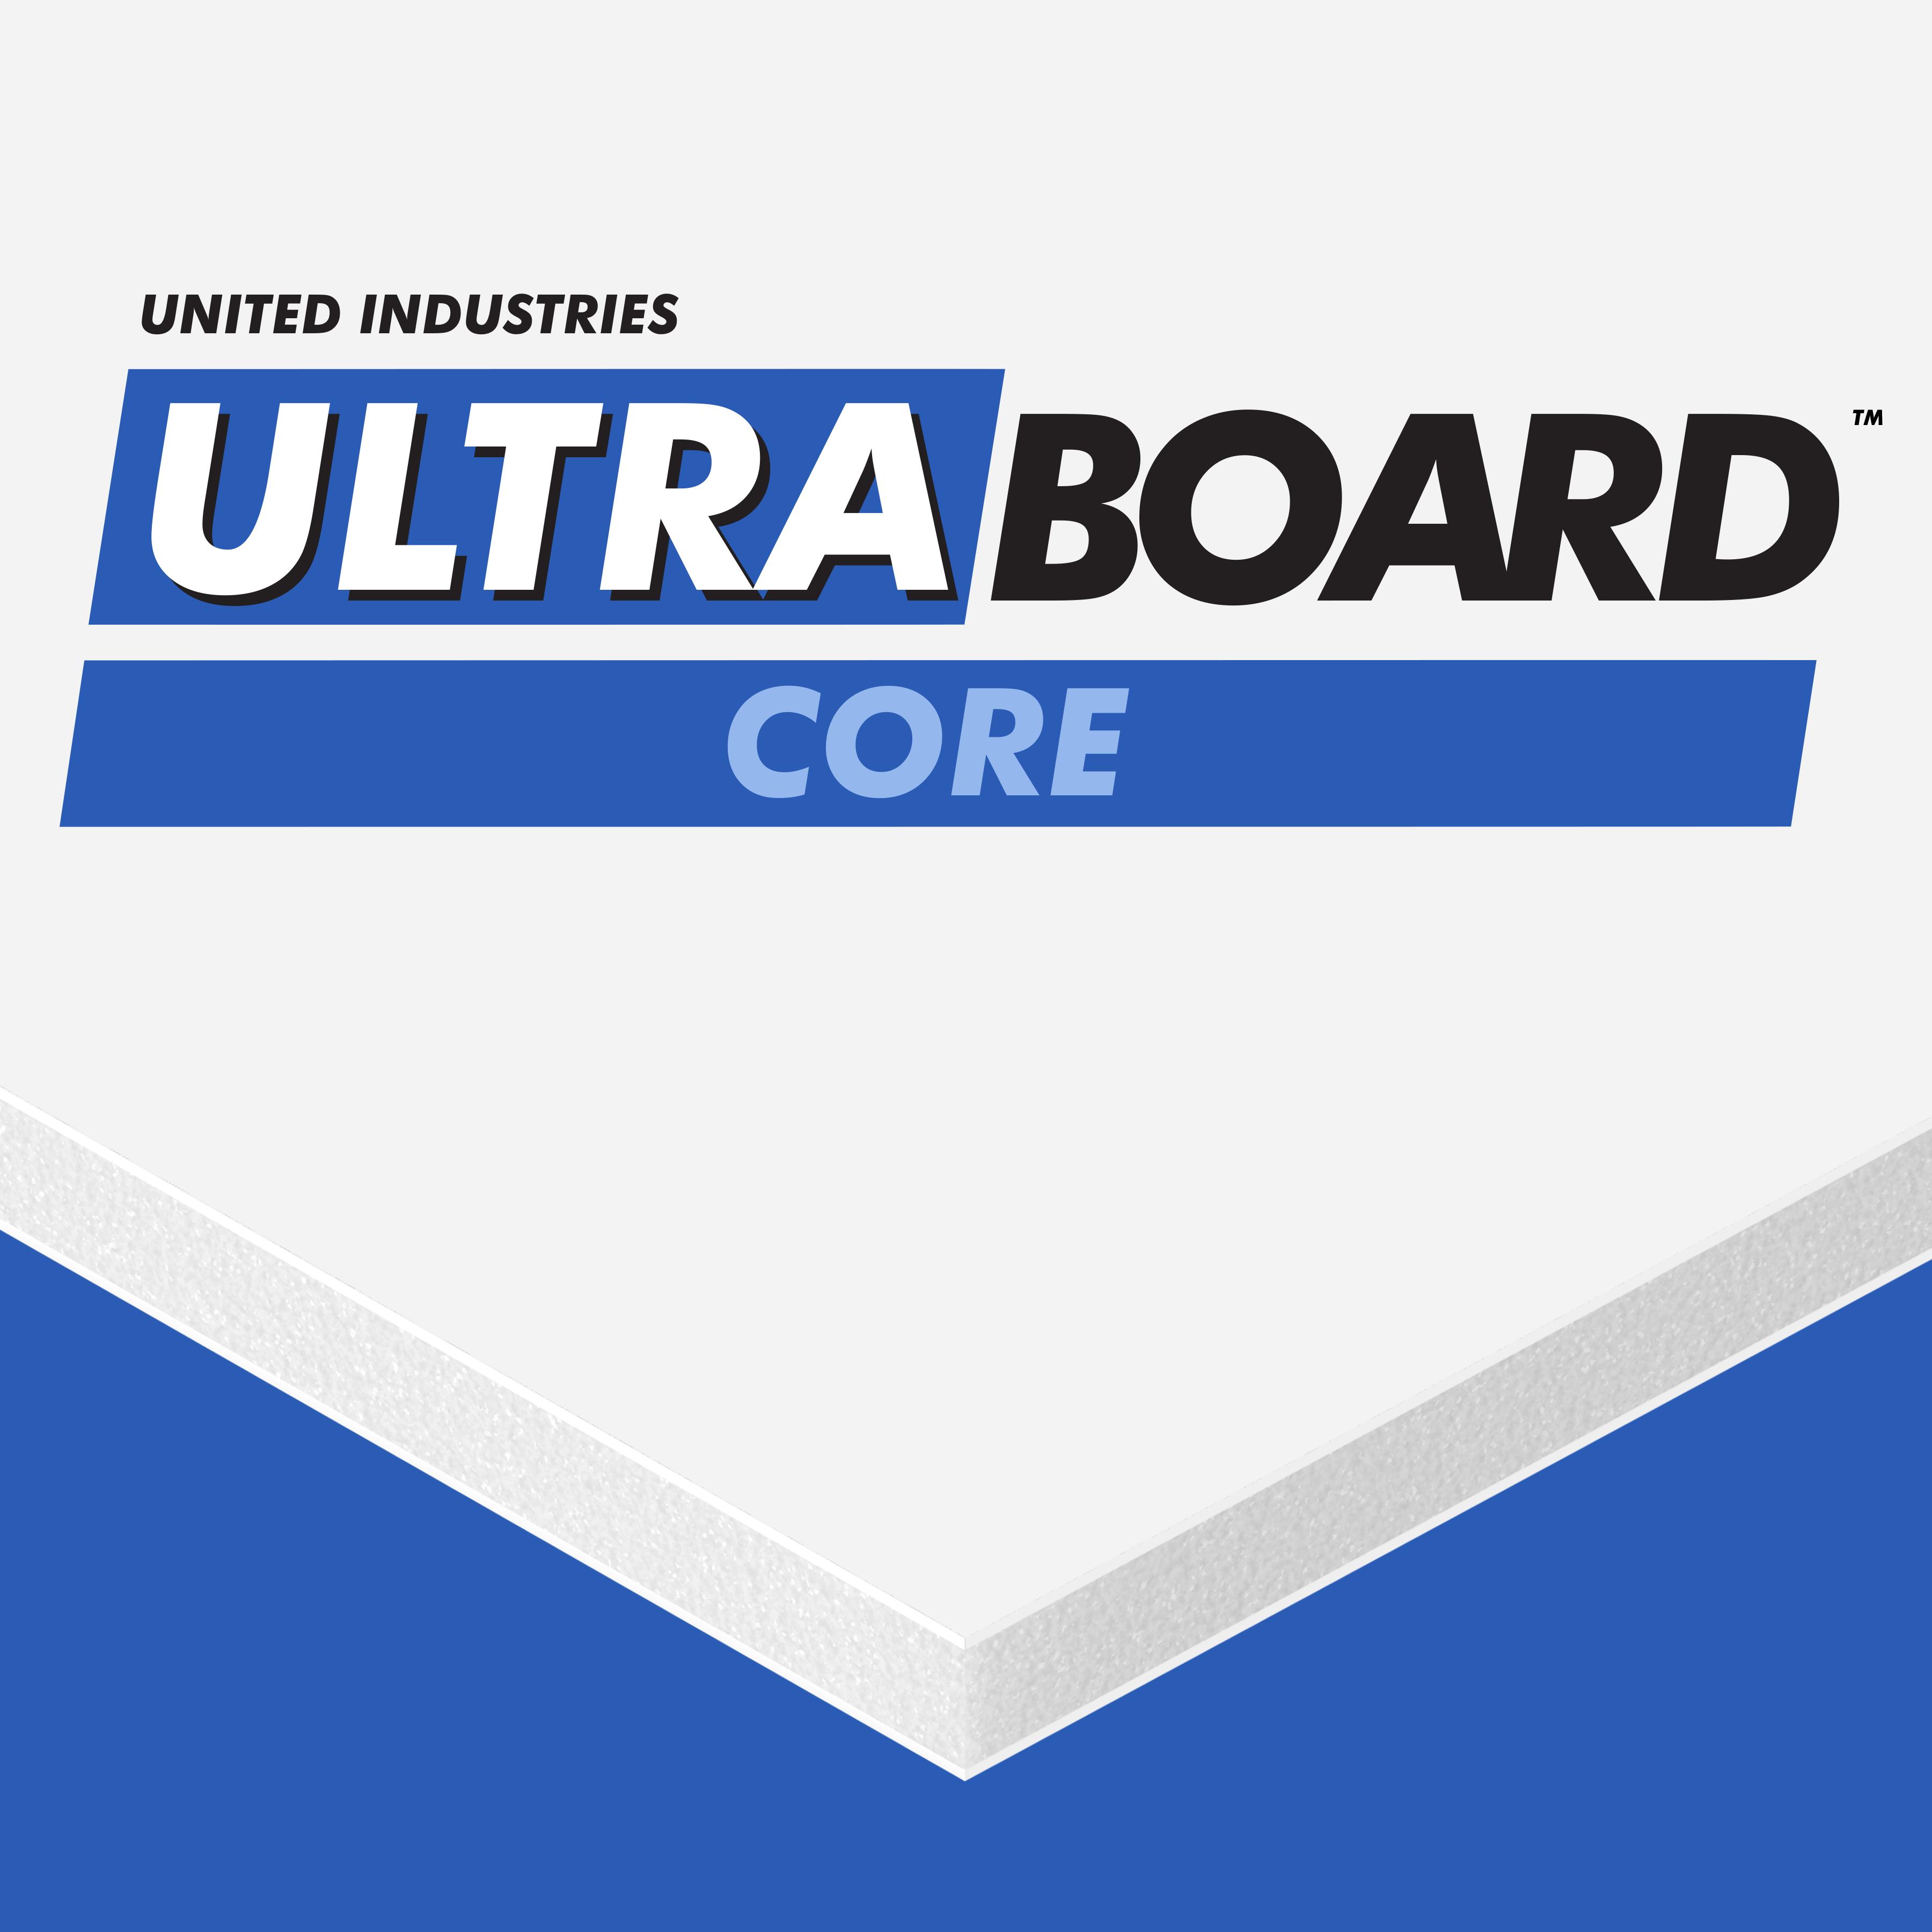 UltraBoard Core